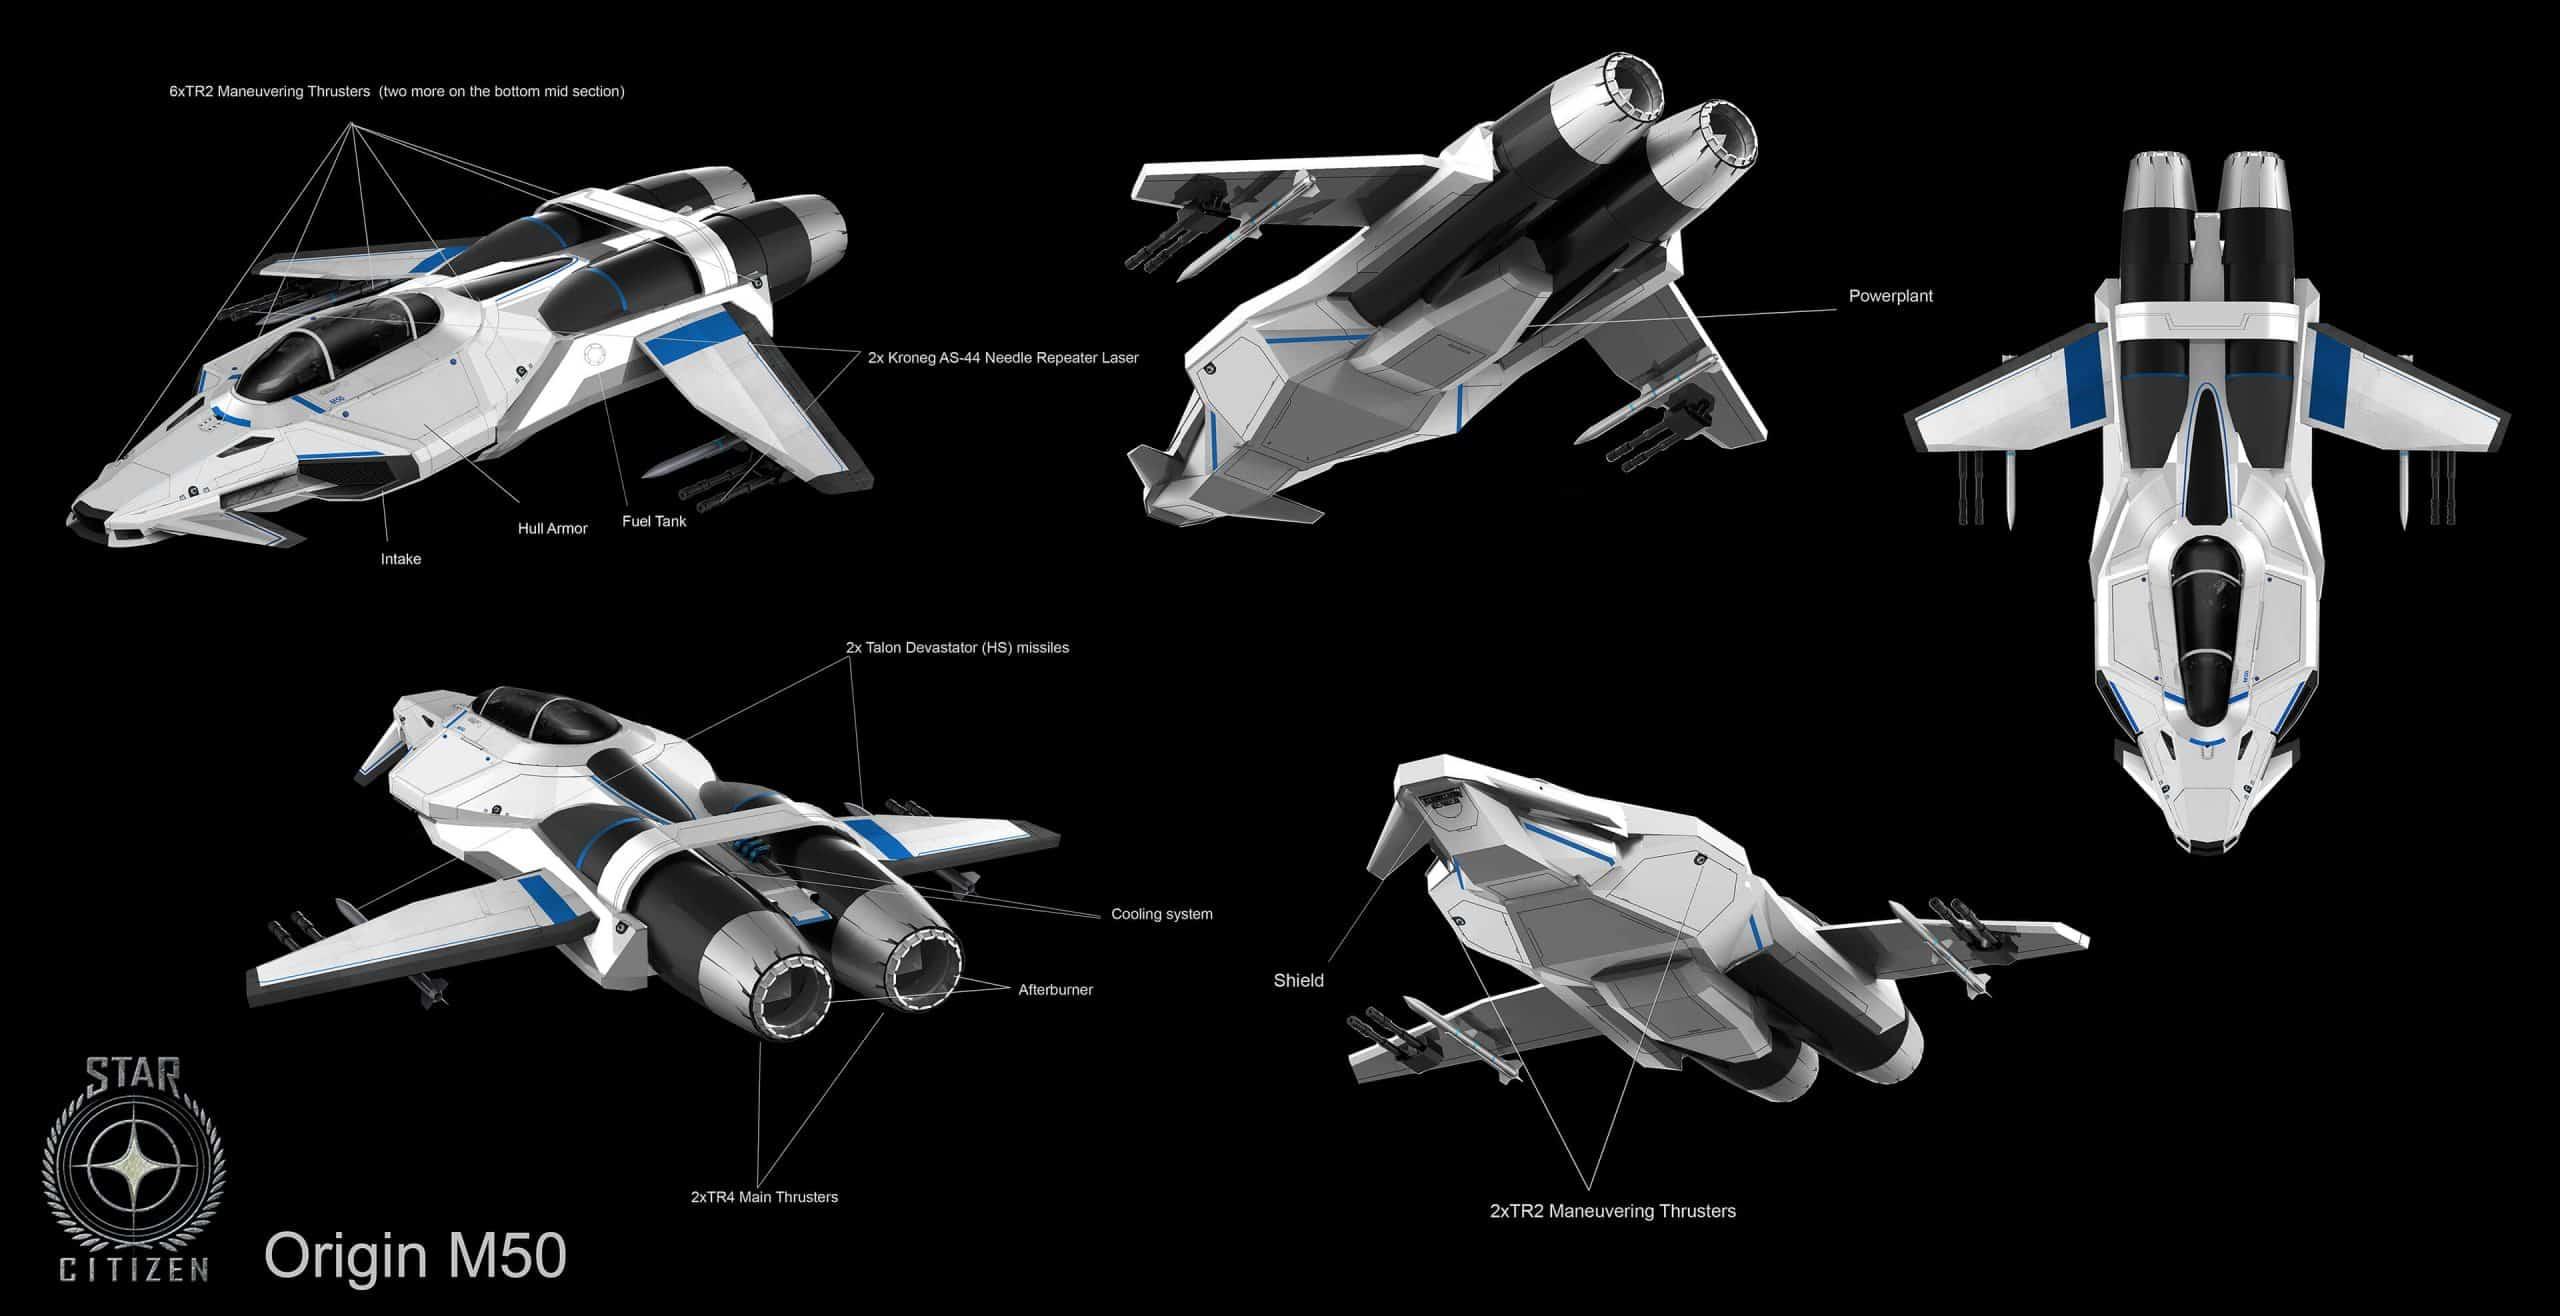 M50 concept